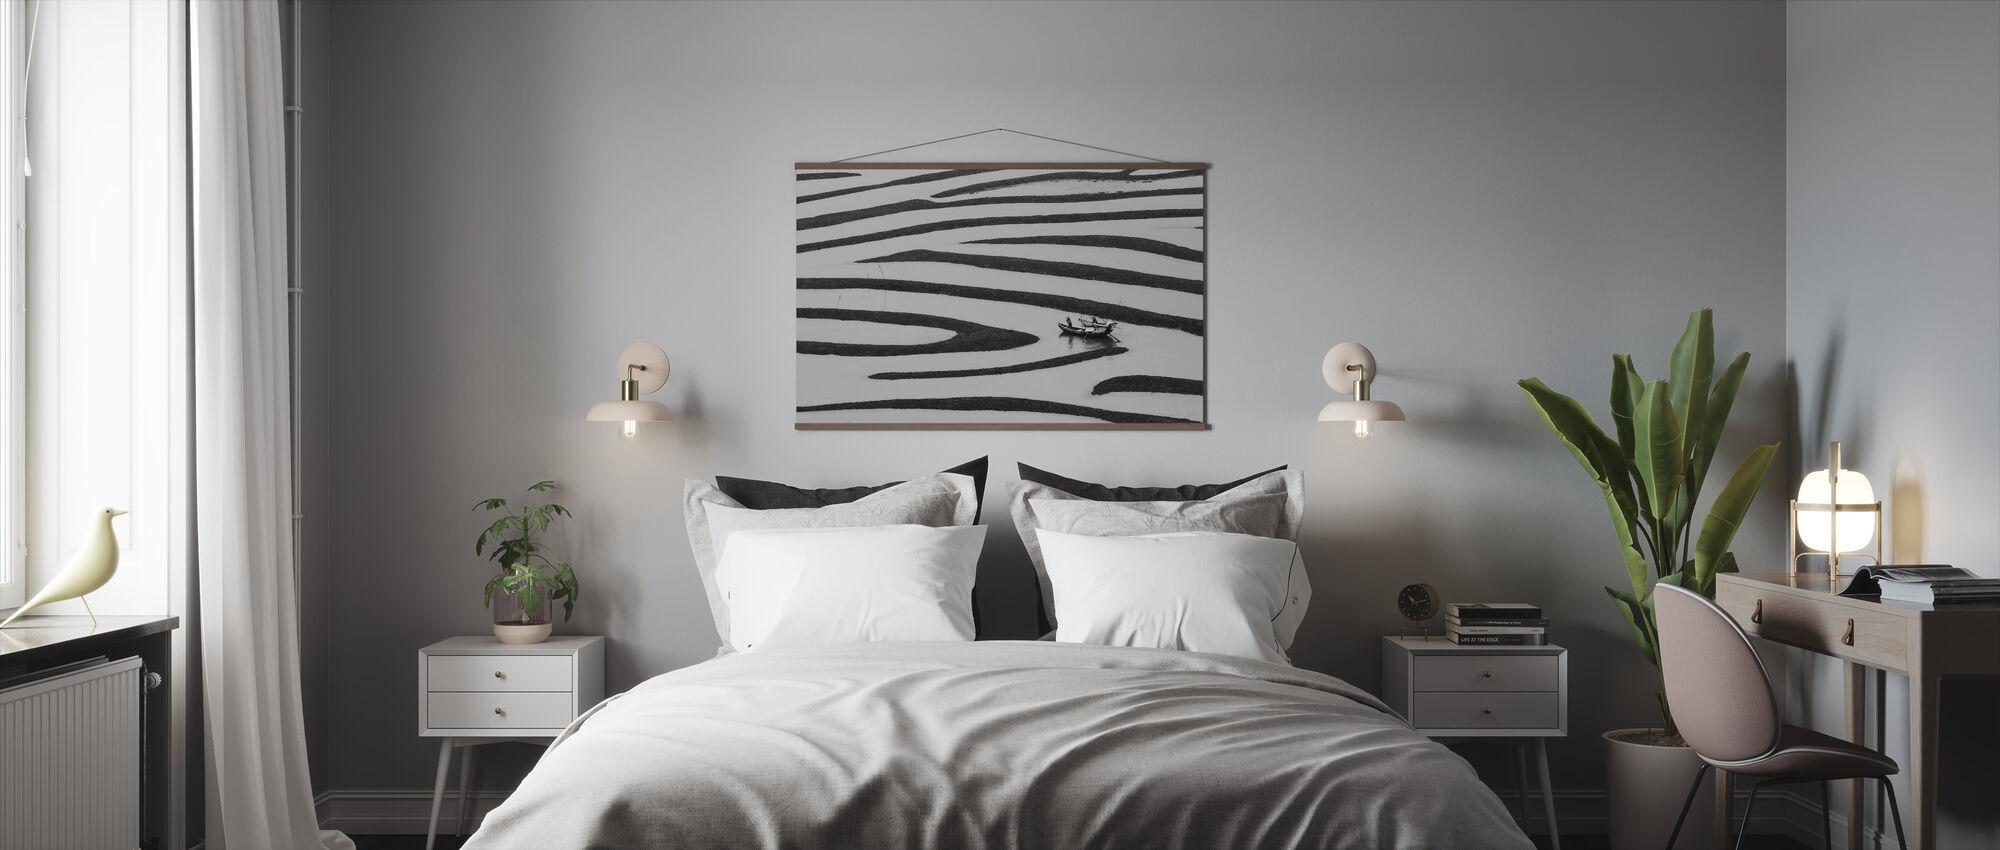 Yksinkertaisen elämän kauneus, mustavalkoinen - Juliste - Makuuhuone